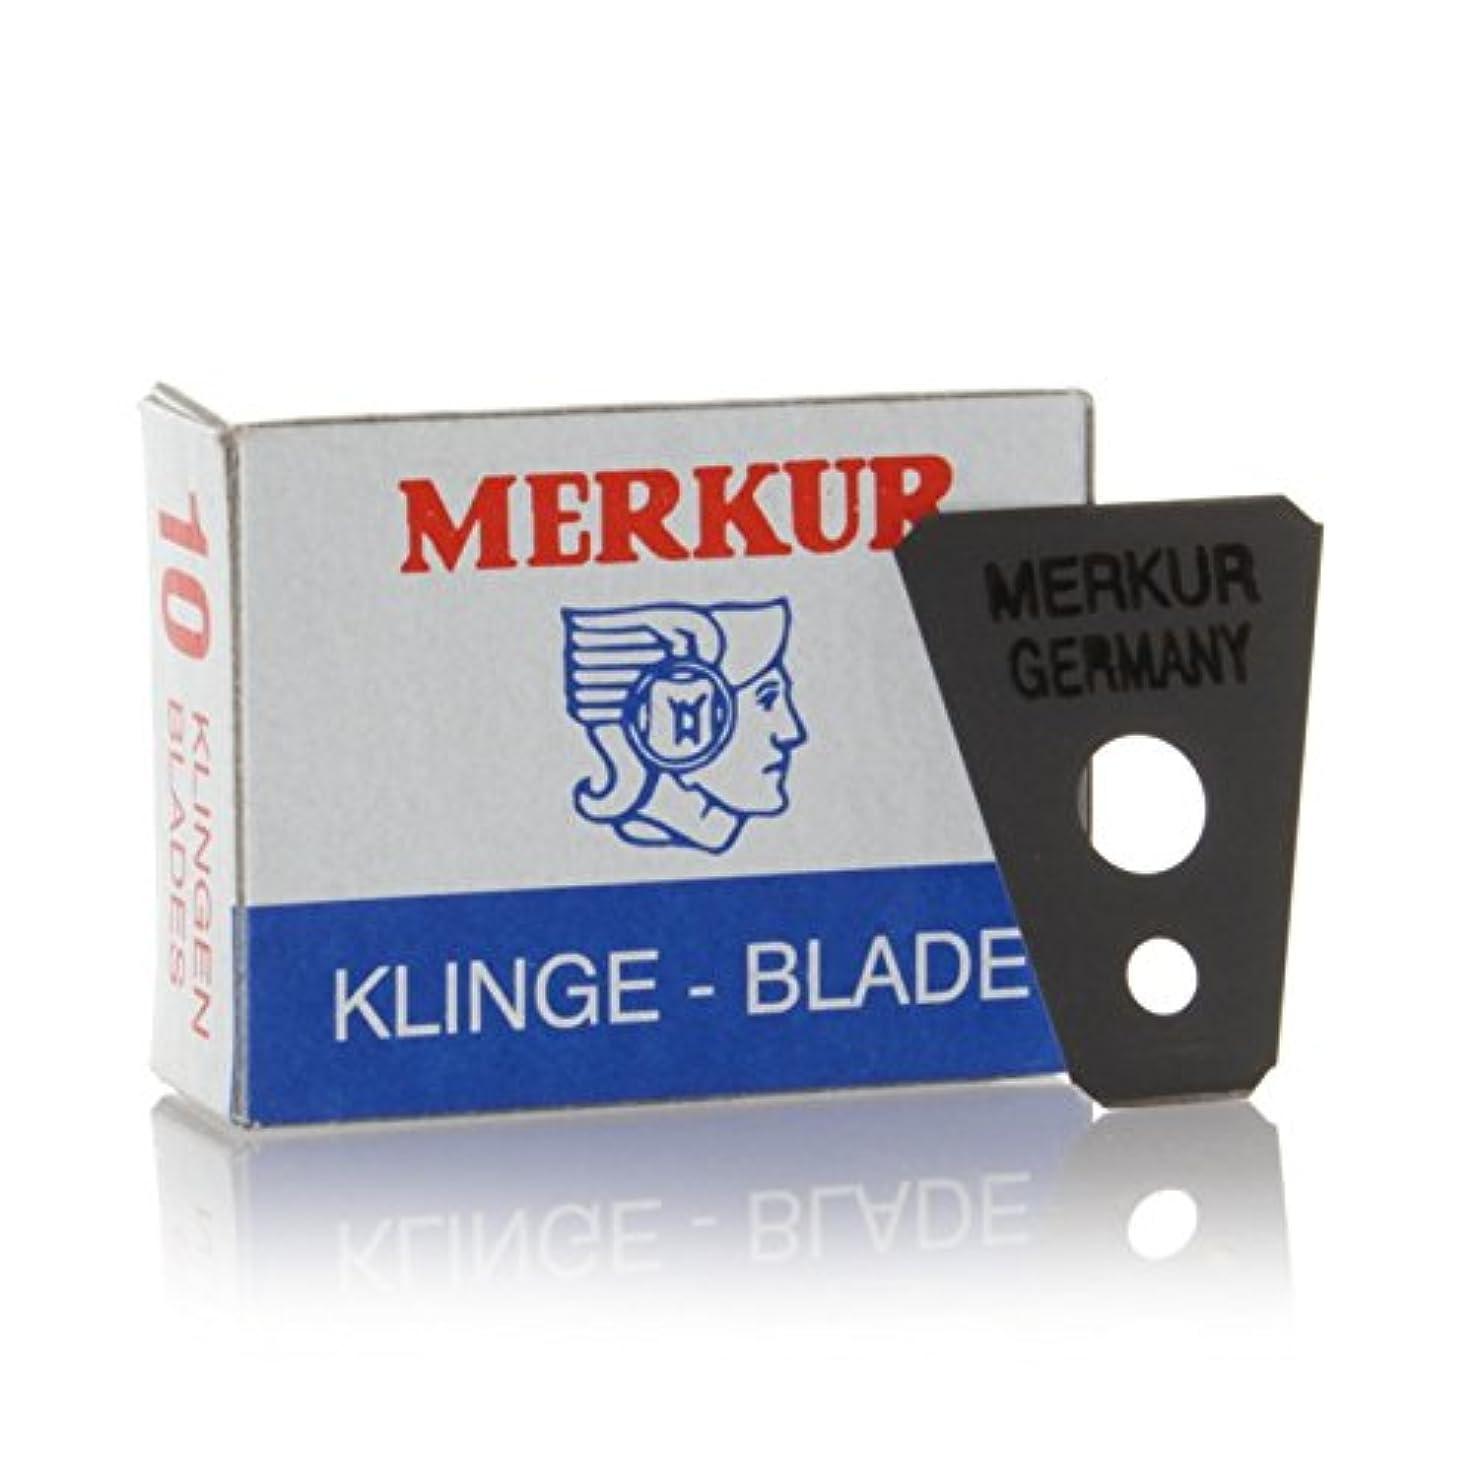 汚す残酷なレガシーMERKUR Solingen - Razor blades for moustache shaver, 10 pieces, 90908100